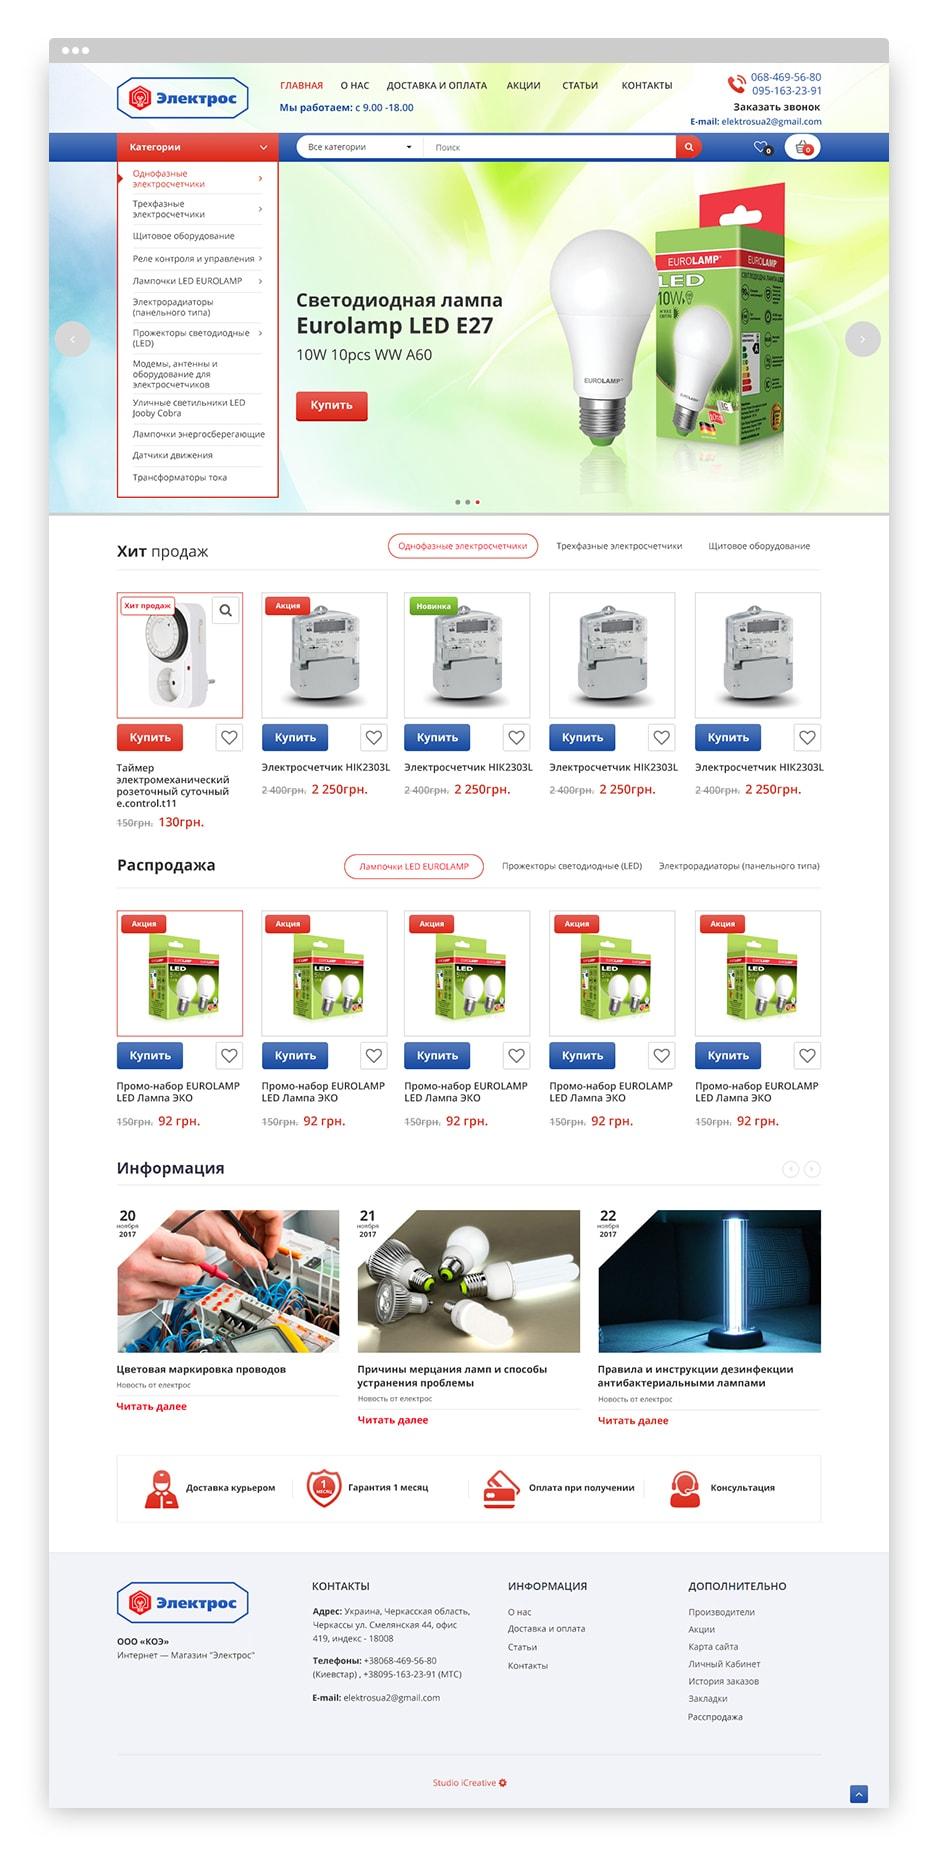 icreative.com.ua_electros_1